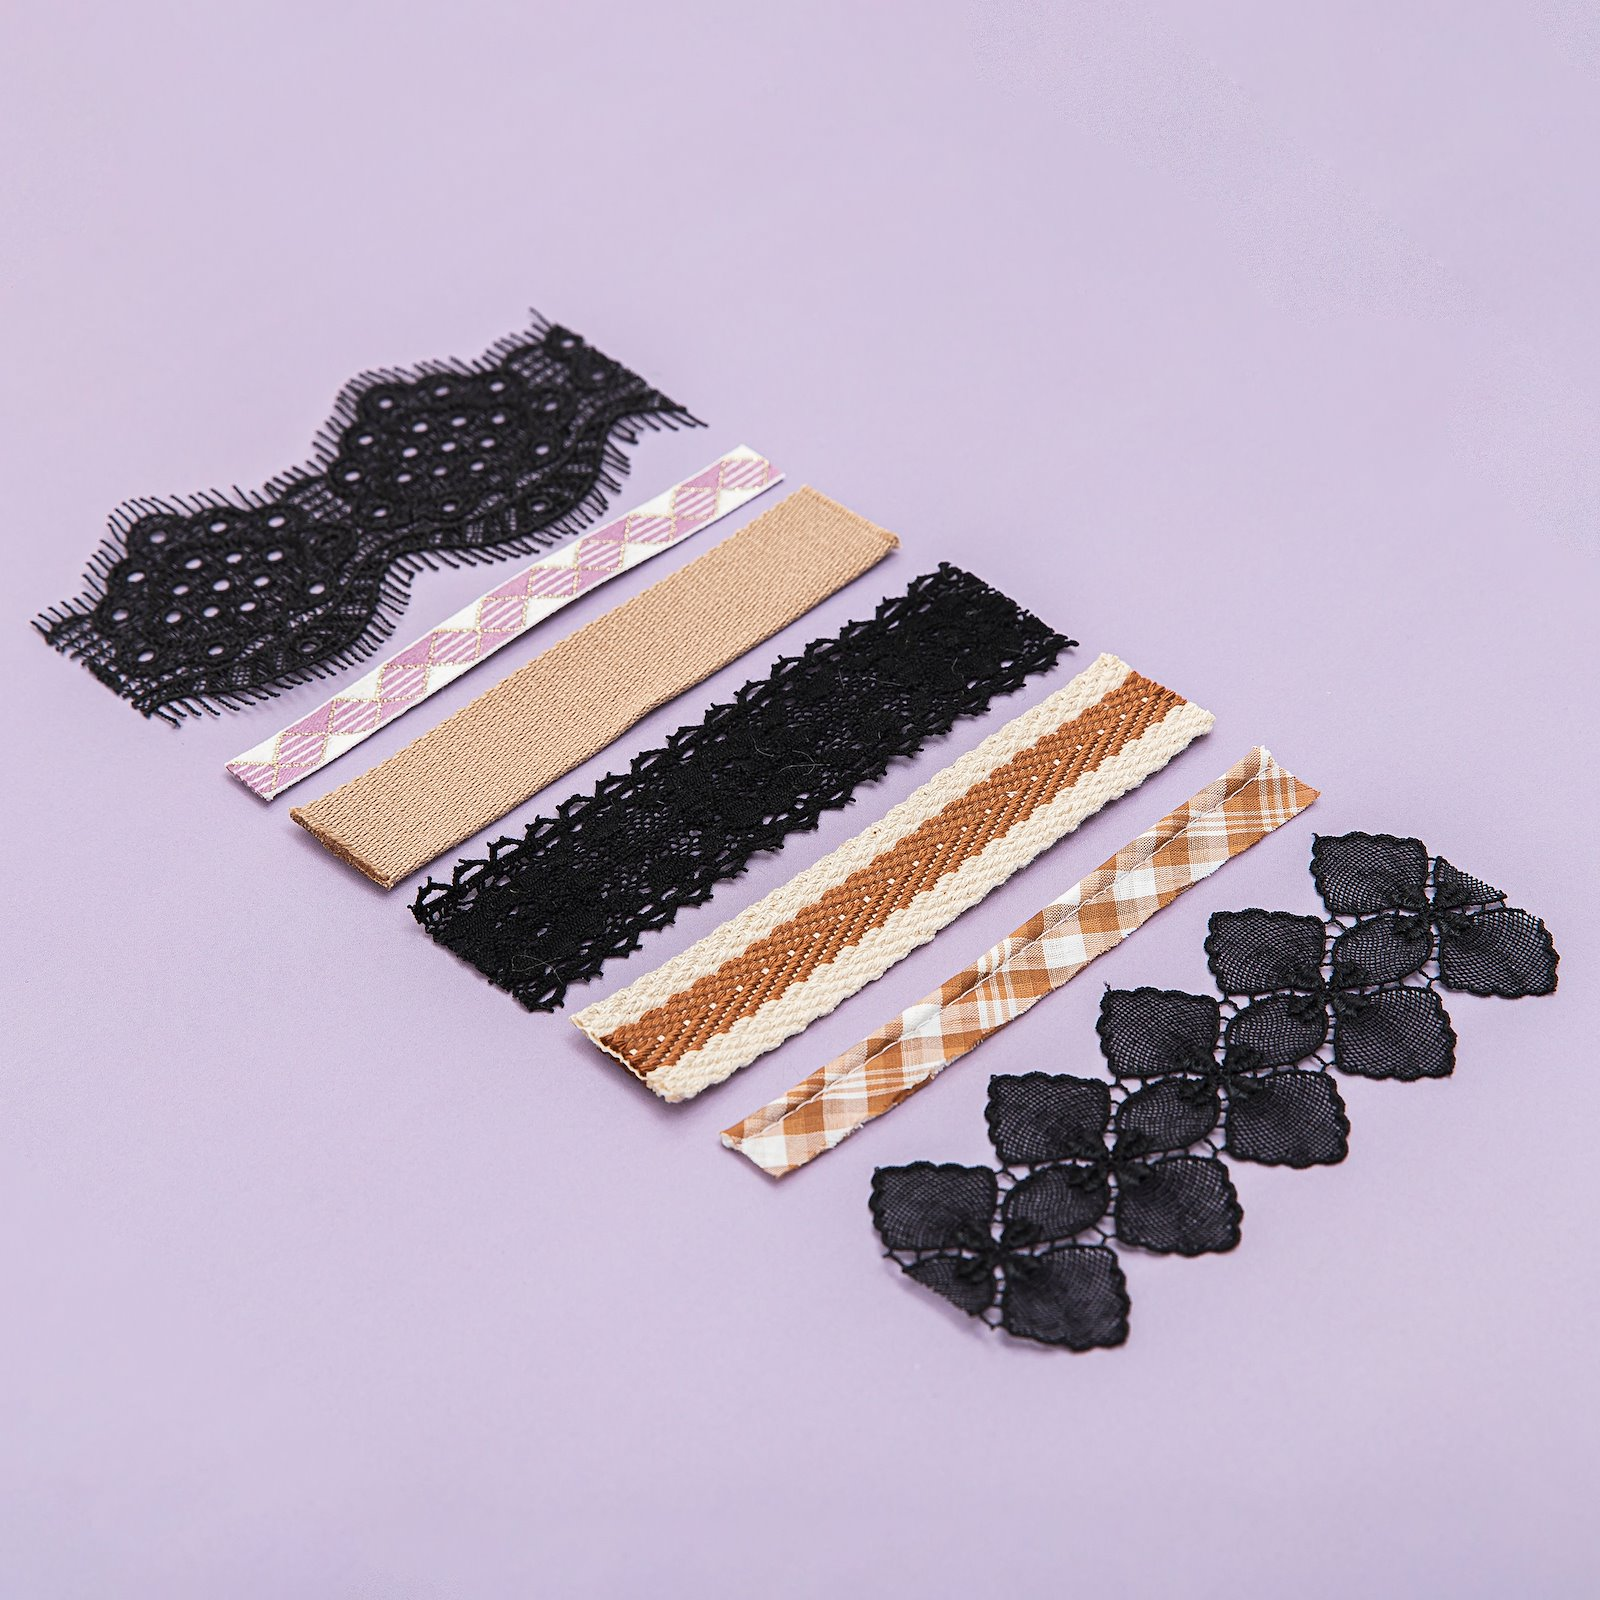 Lace 65mm black 1,5m 22218_22359_22315_22251_22387_22338_22217_bundle